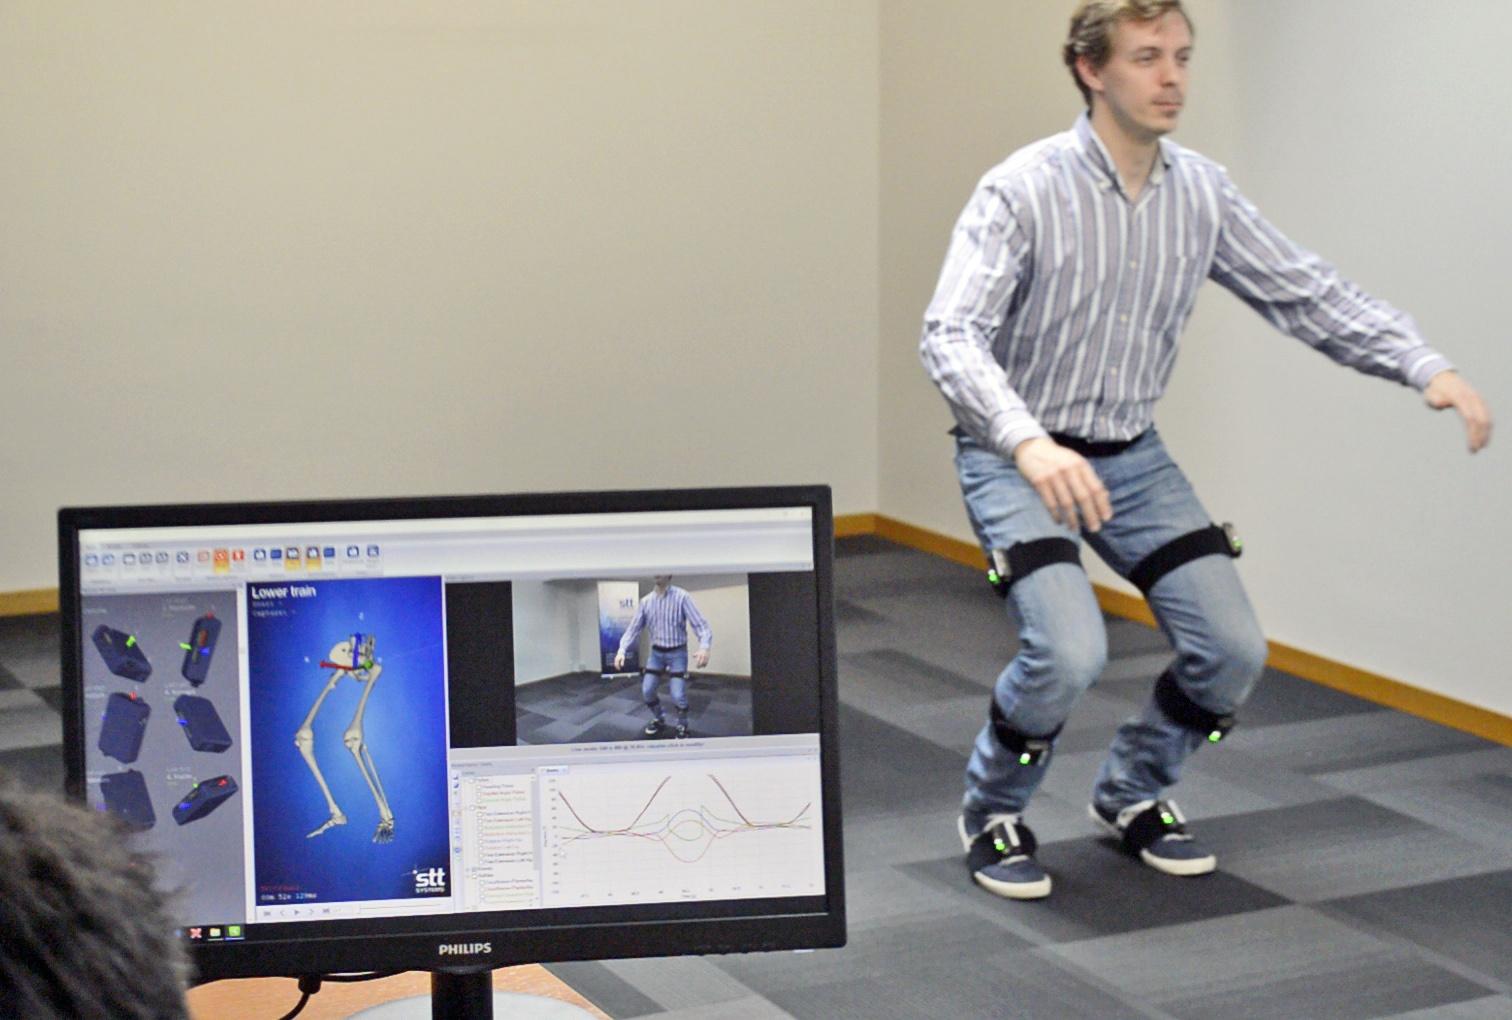 iSen Lower Limb Analysis